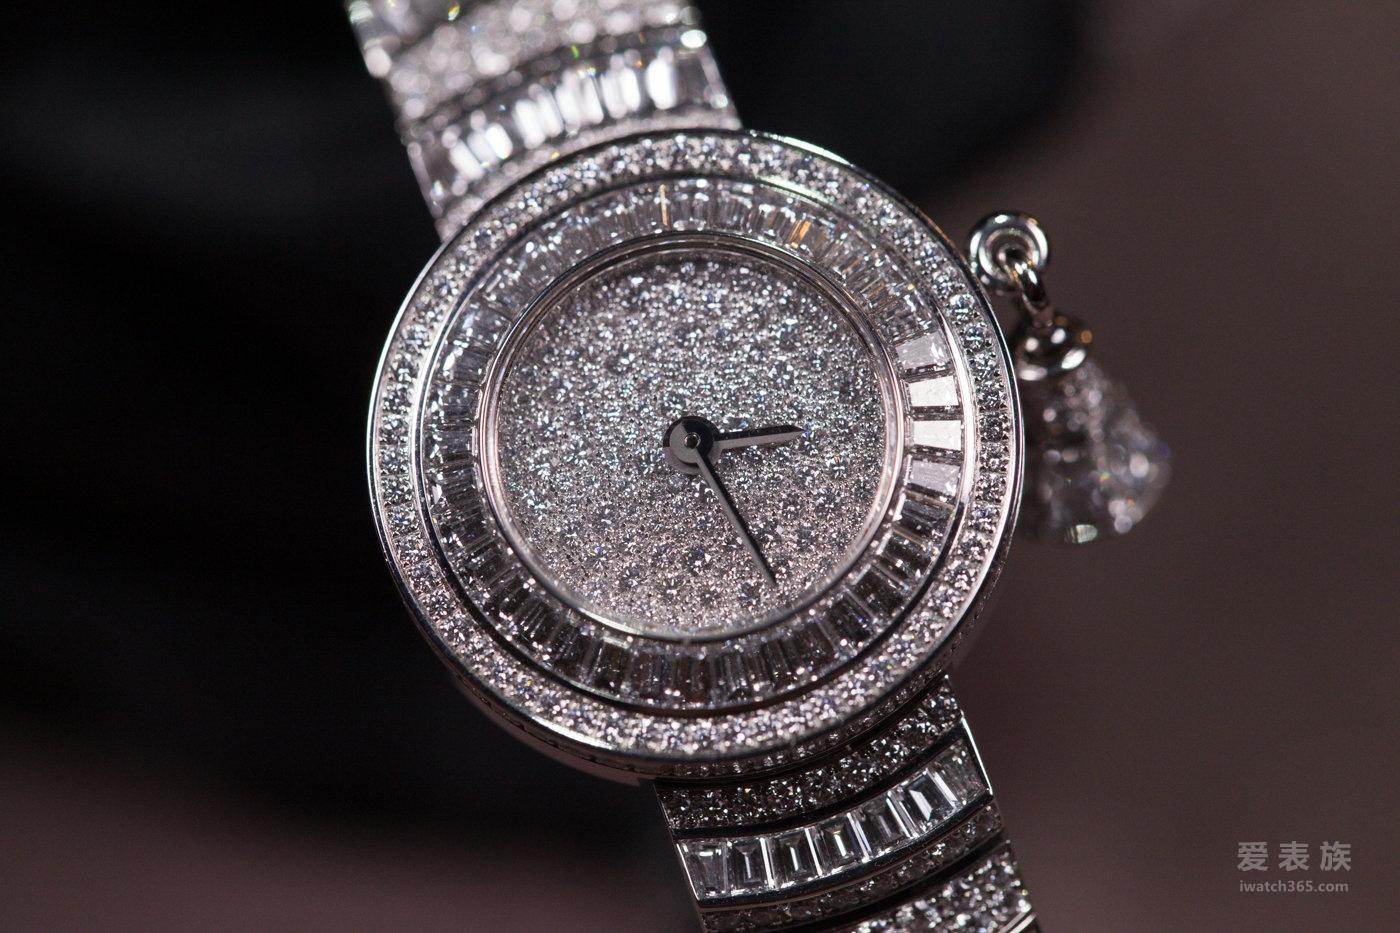 [2016年SIHH日内瓦国际钟表展]梵克雅宝Snowflake及Snowflake Fleurette 高级珠宝腕表